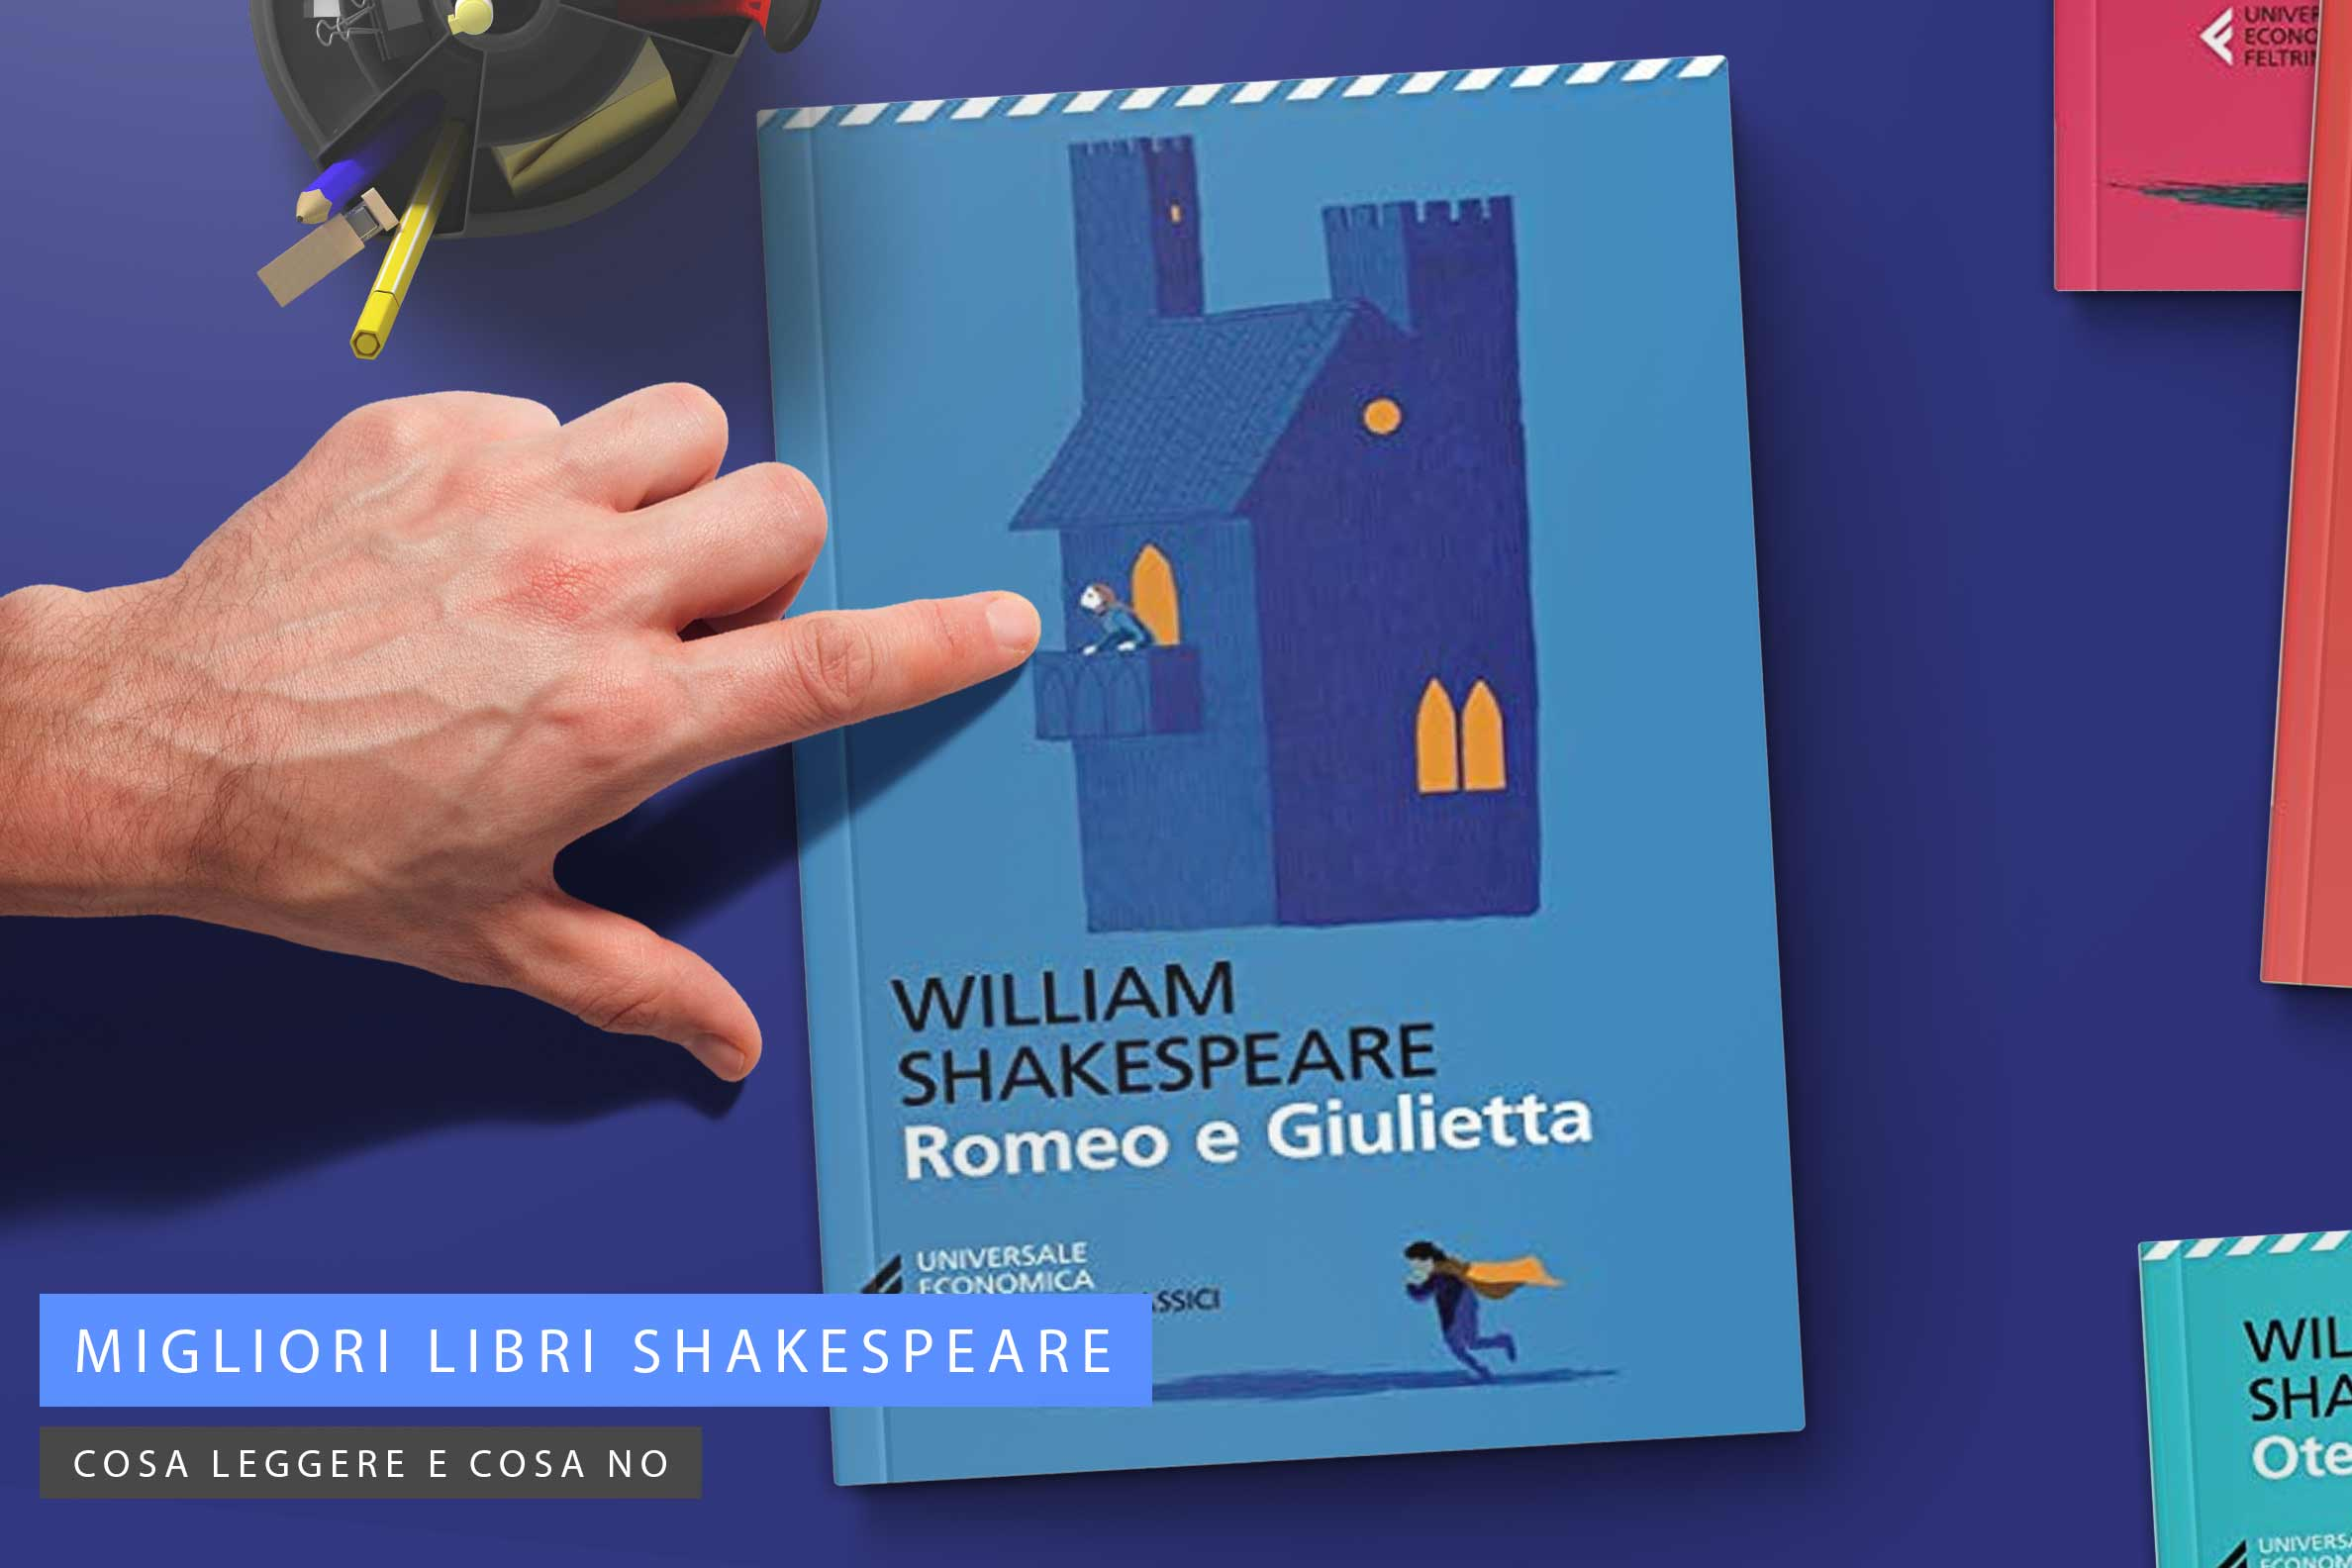 migliore-libro-shakespeare-romeo-e-giulietta